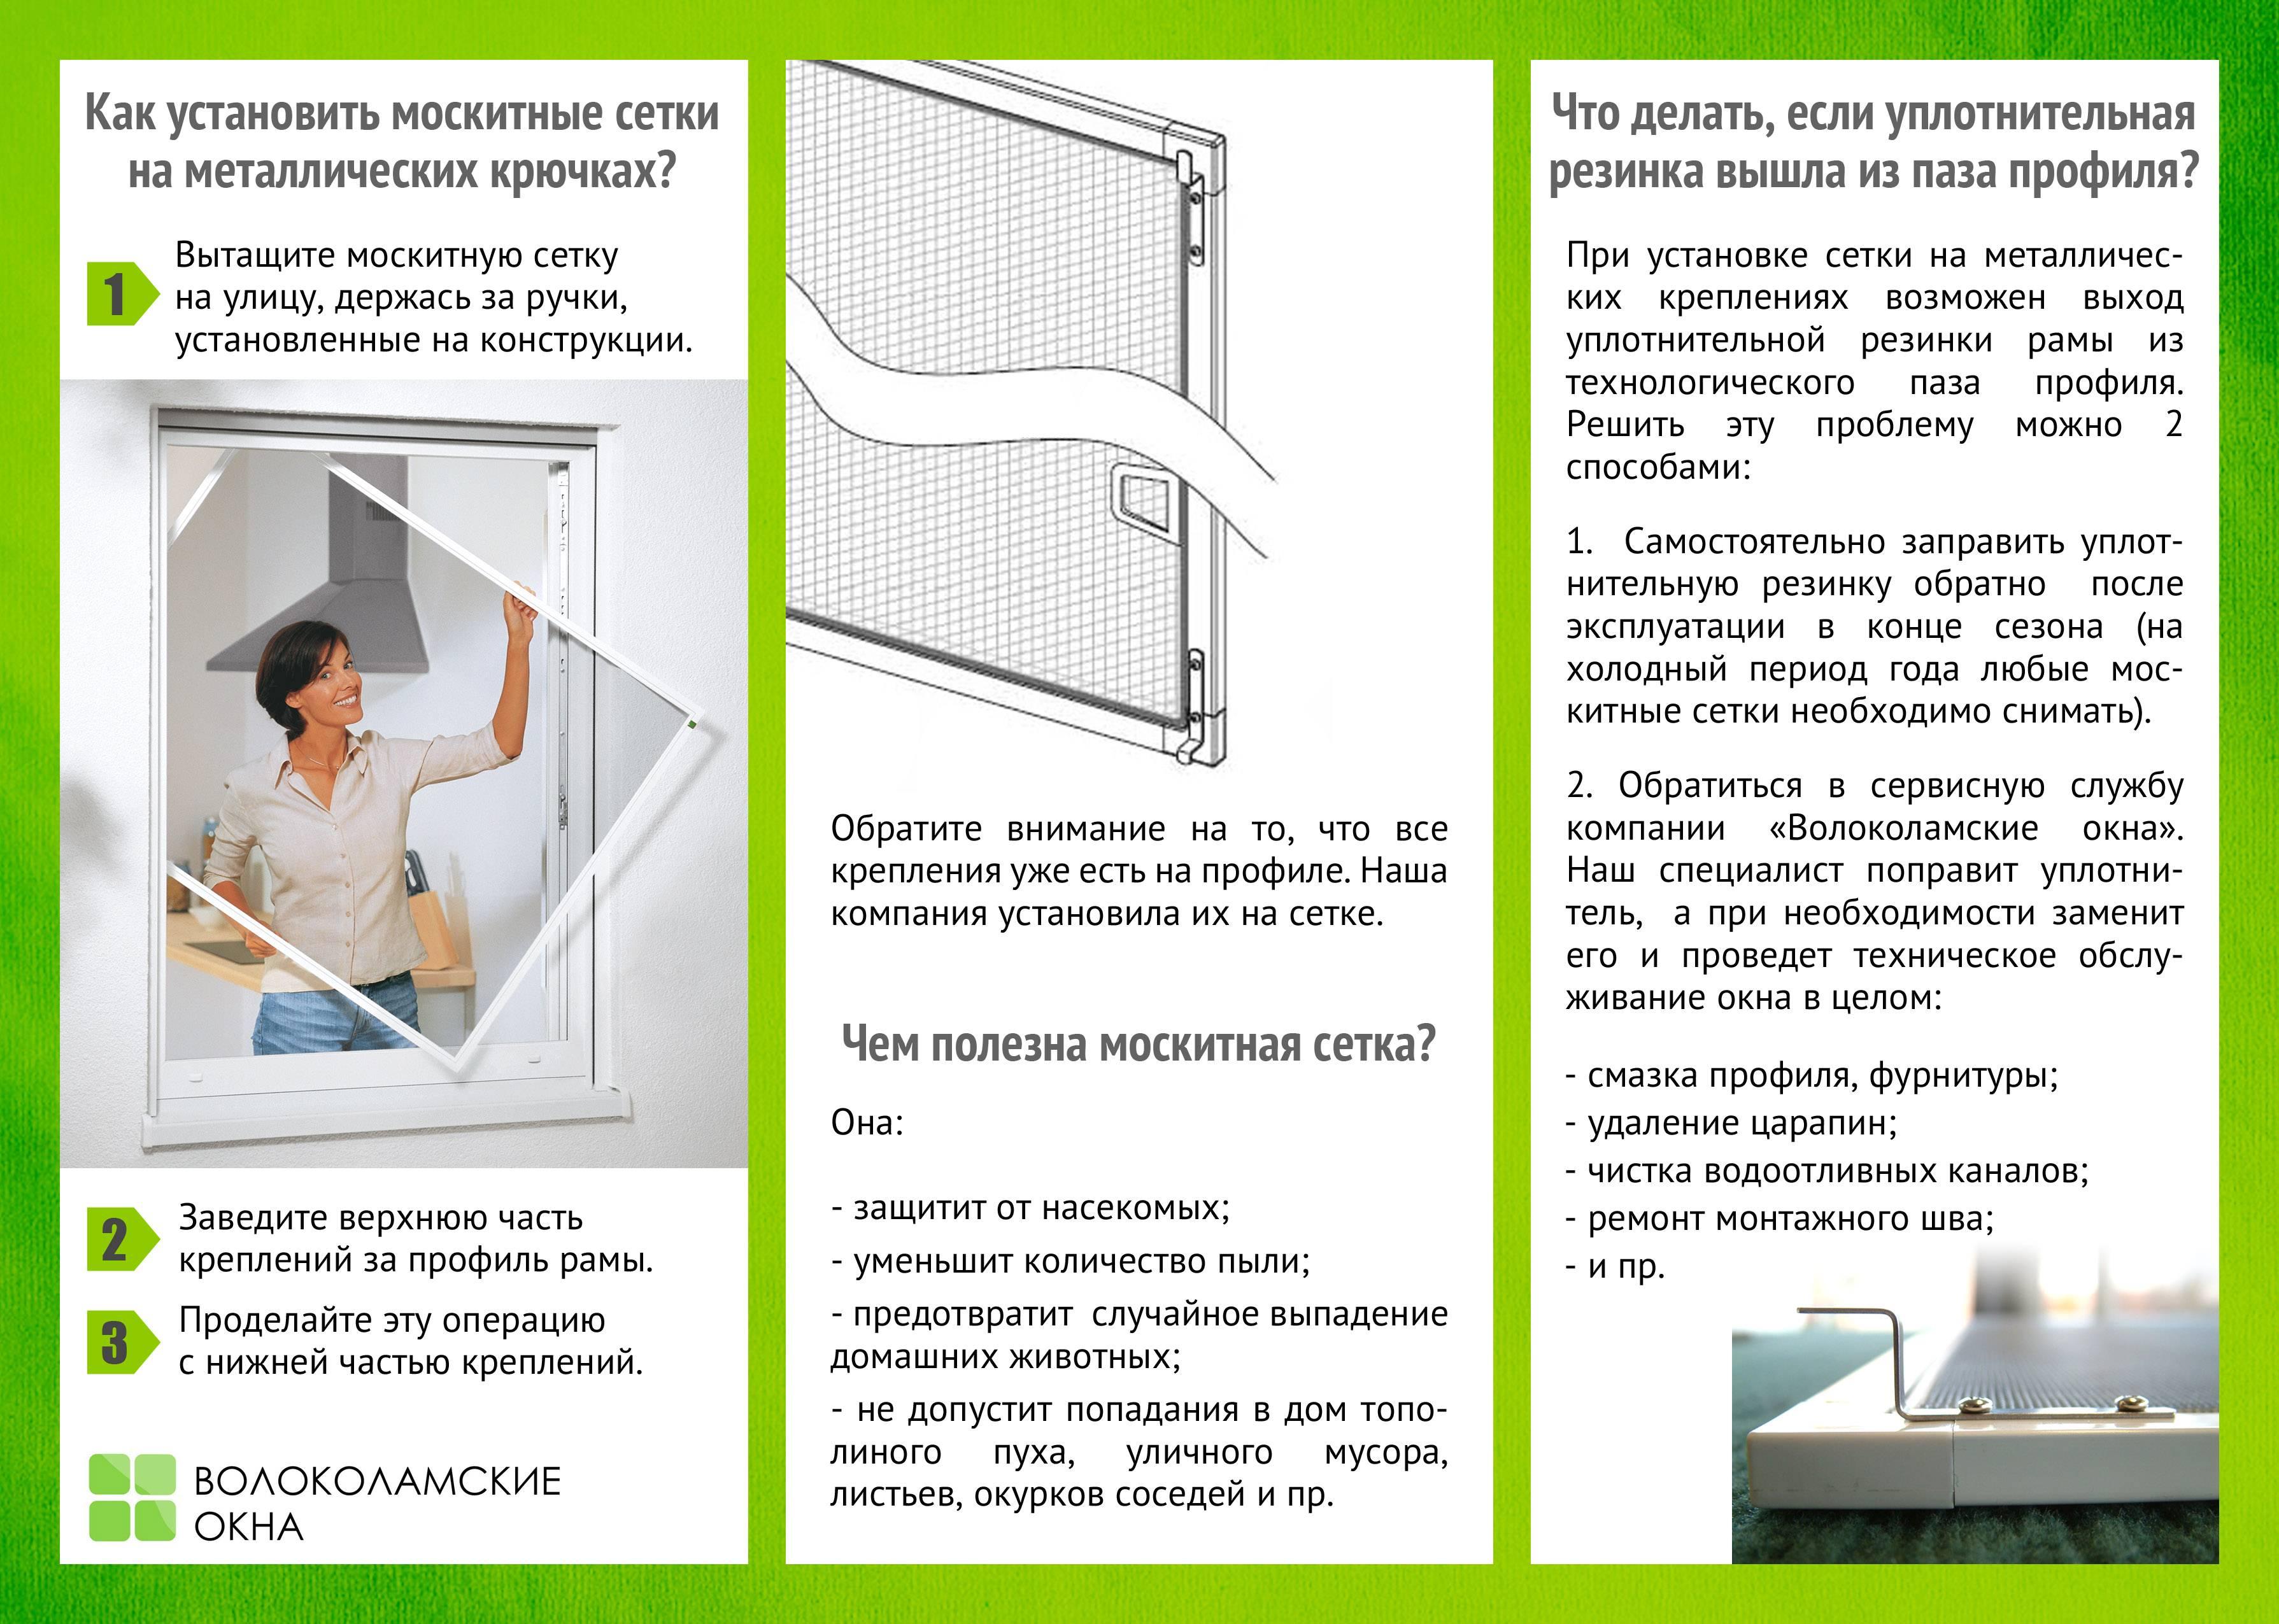 Установка оконного кондиционера своими руками: этапы и особенности